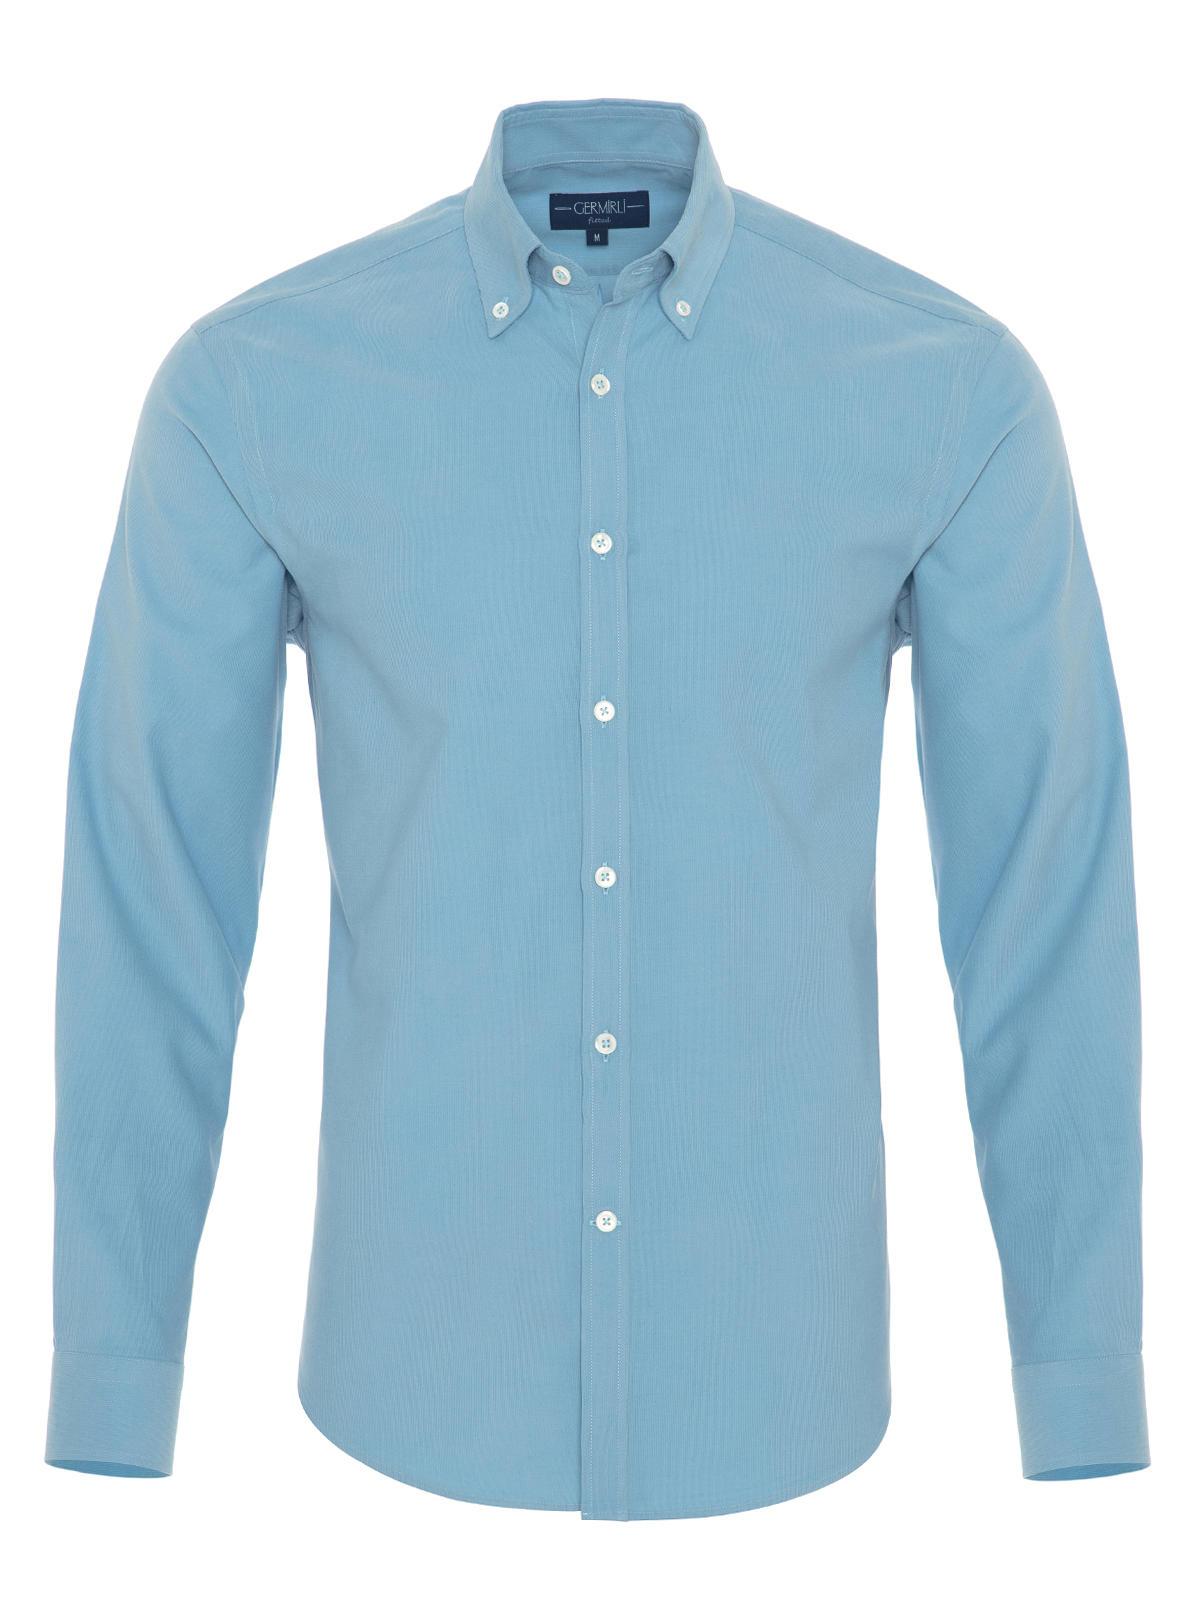 Germirli Açık Mavi Kadife Düğmeli Yaka Tailor Fit Gömlek